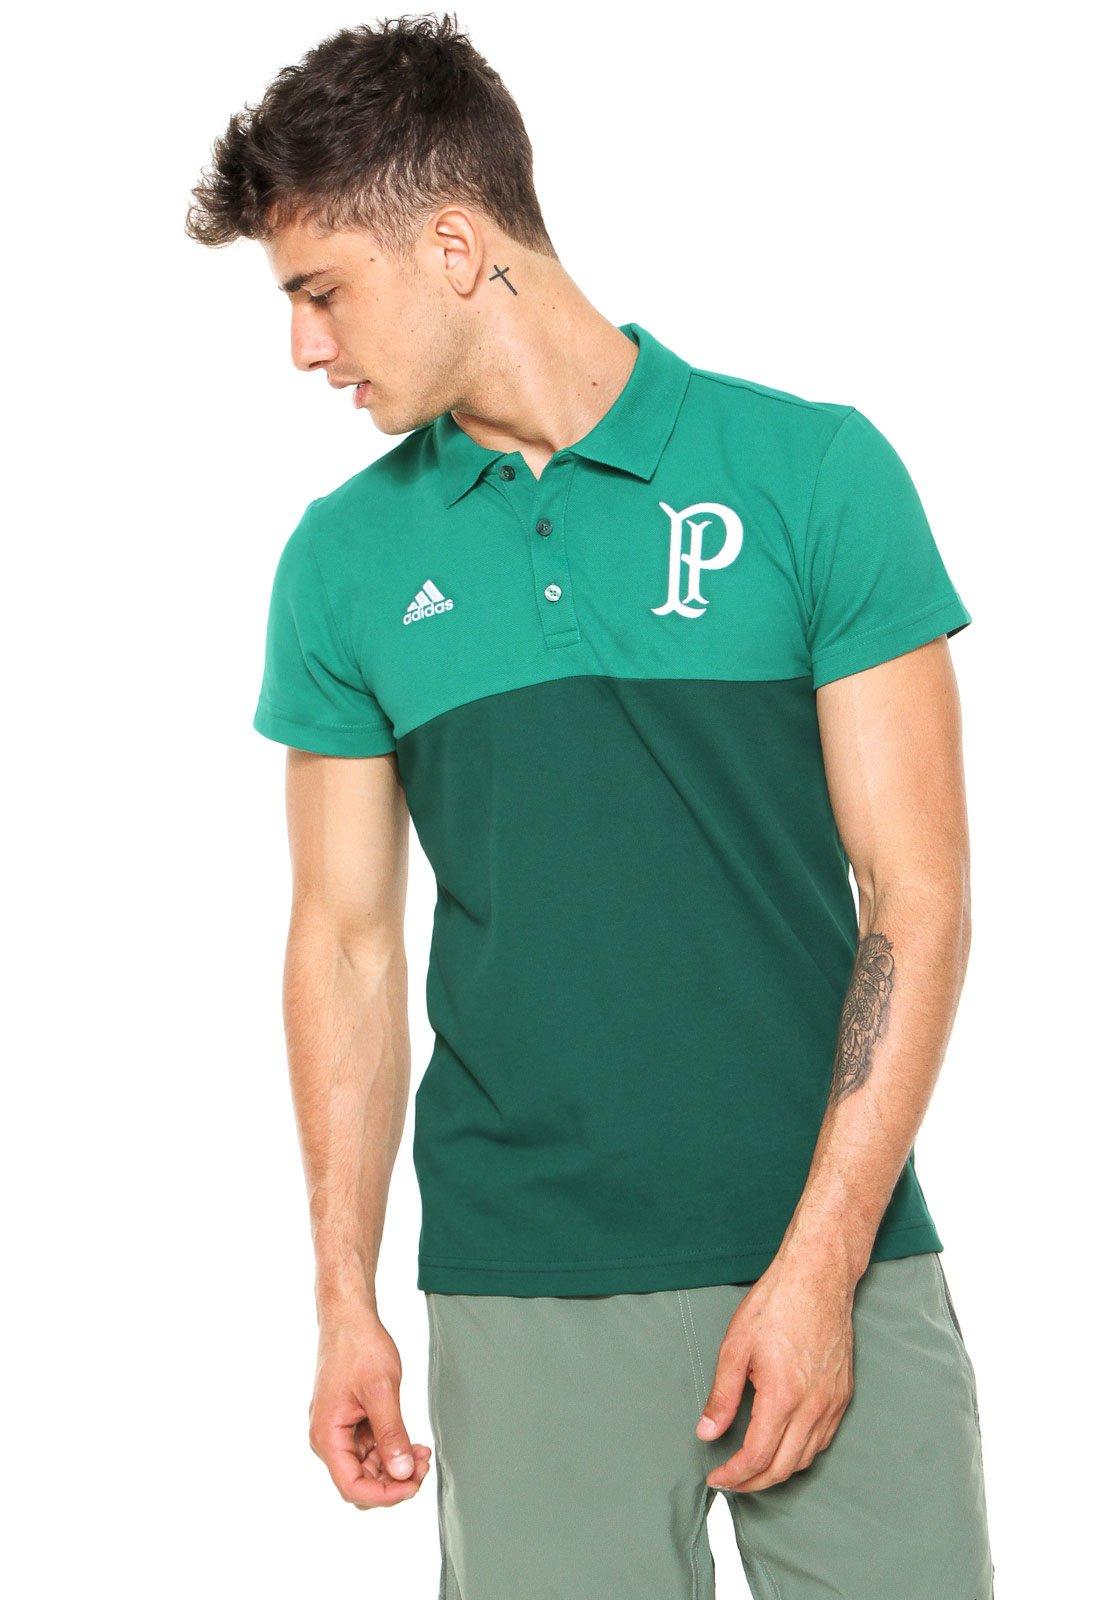 ff57ab0f42 Camisa Polo adidas Premium Palmeiras Verde - Compre Agora